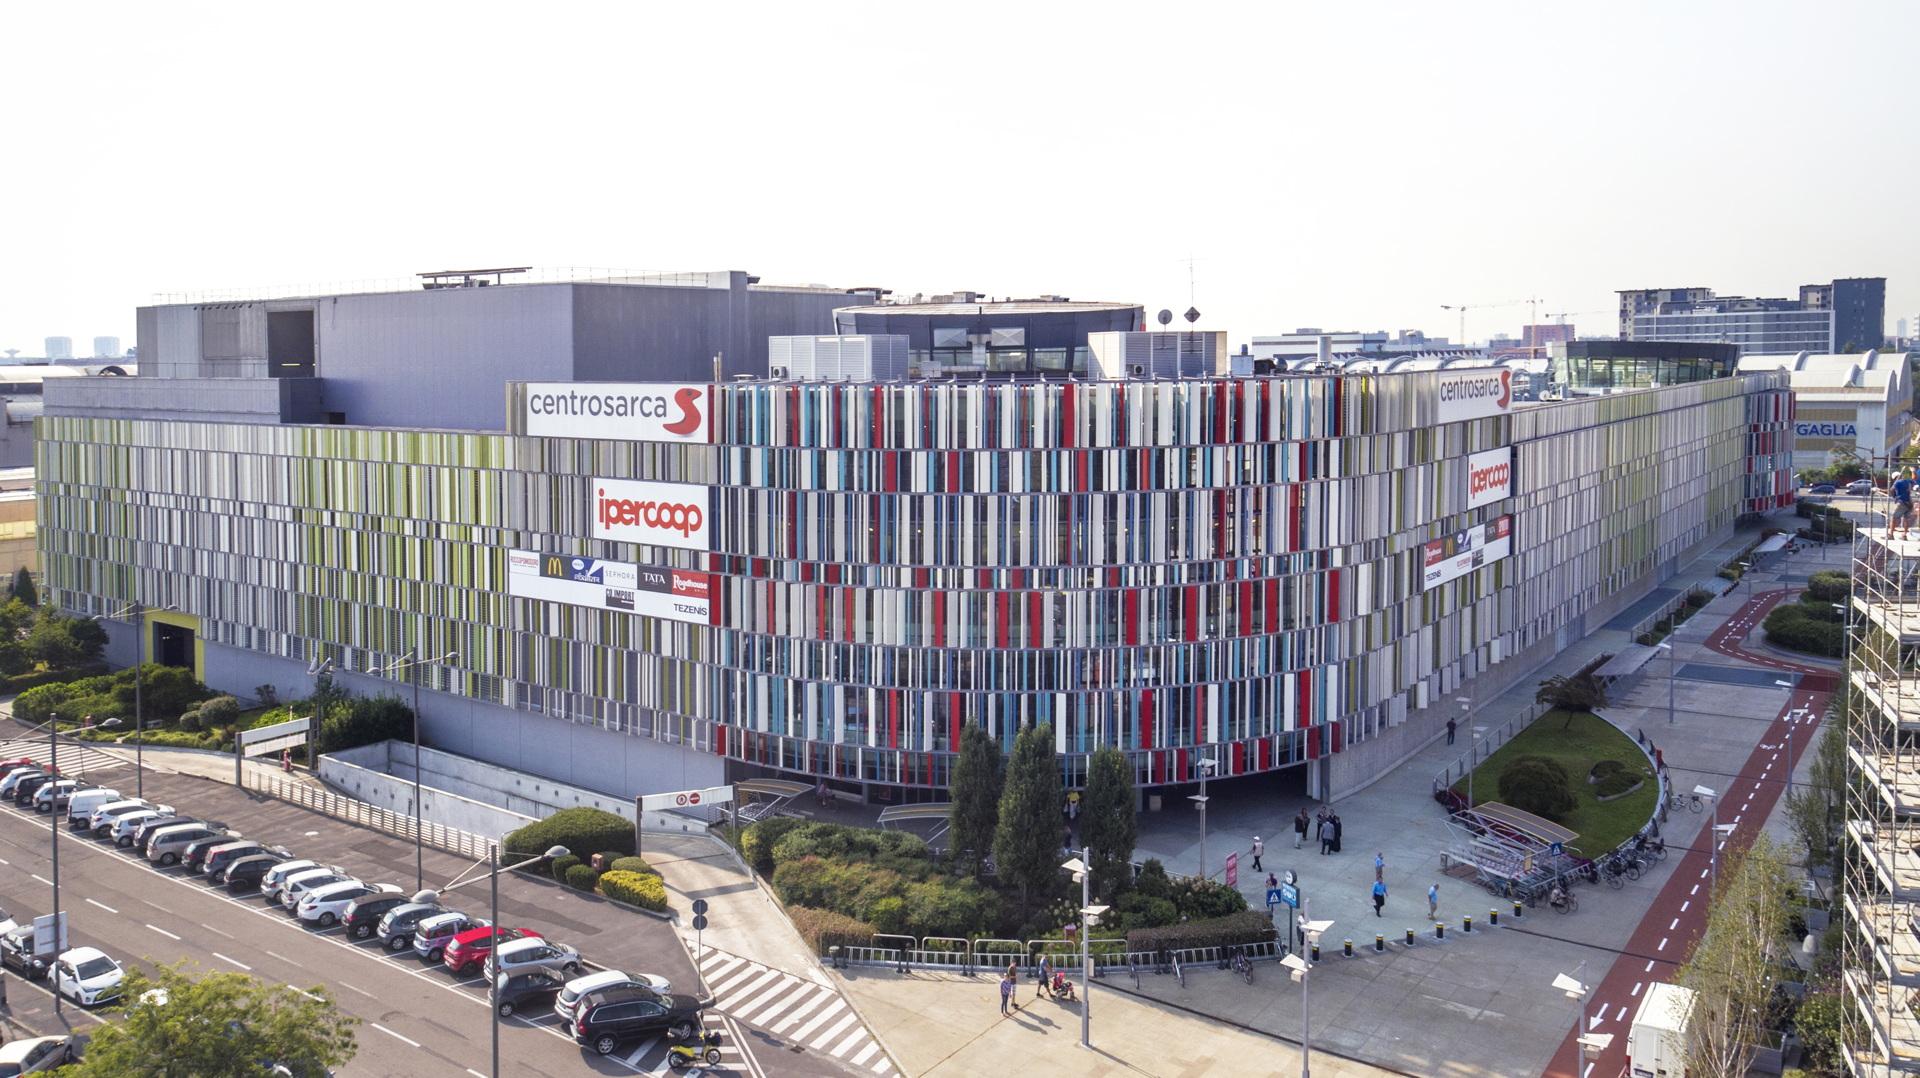 Lombardini22: Restyling des Einkaufszentrums Sarca in Mailand